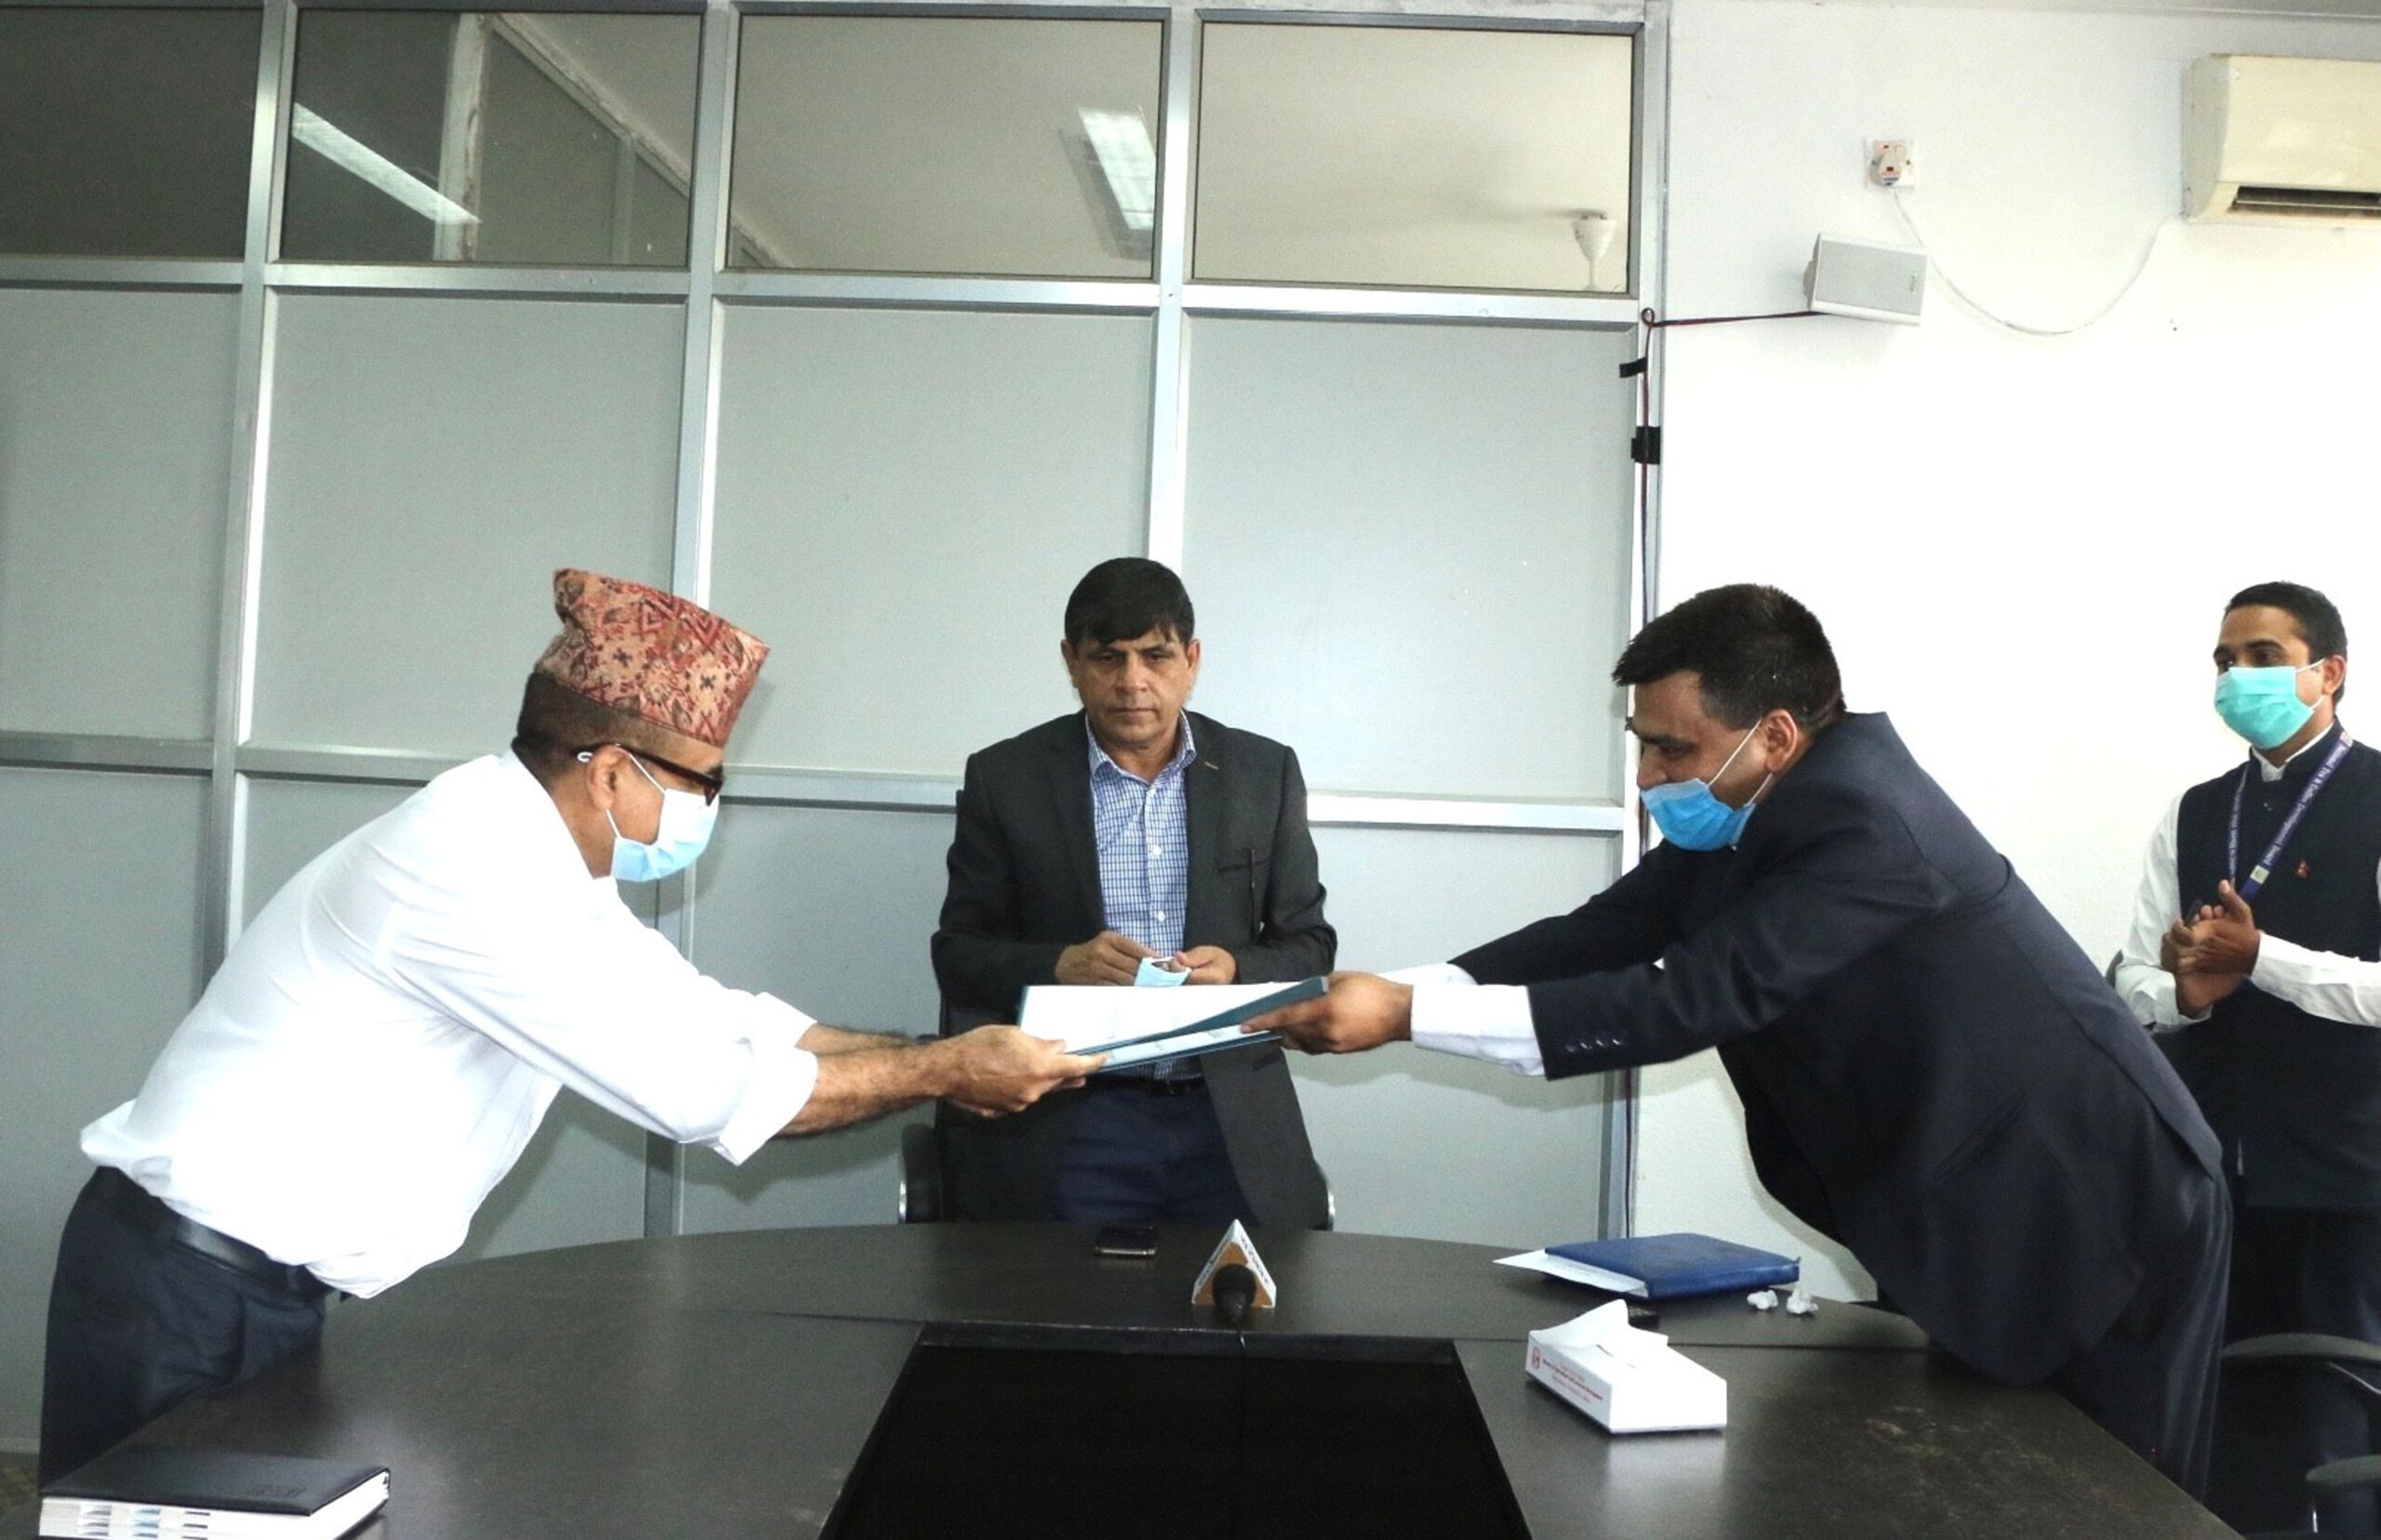 परिषद् र बोर्डबीच समझदारीपत्रमा हस्ताक्षर